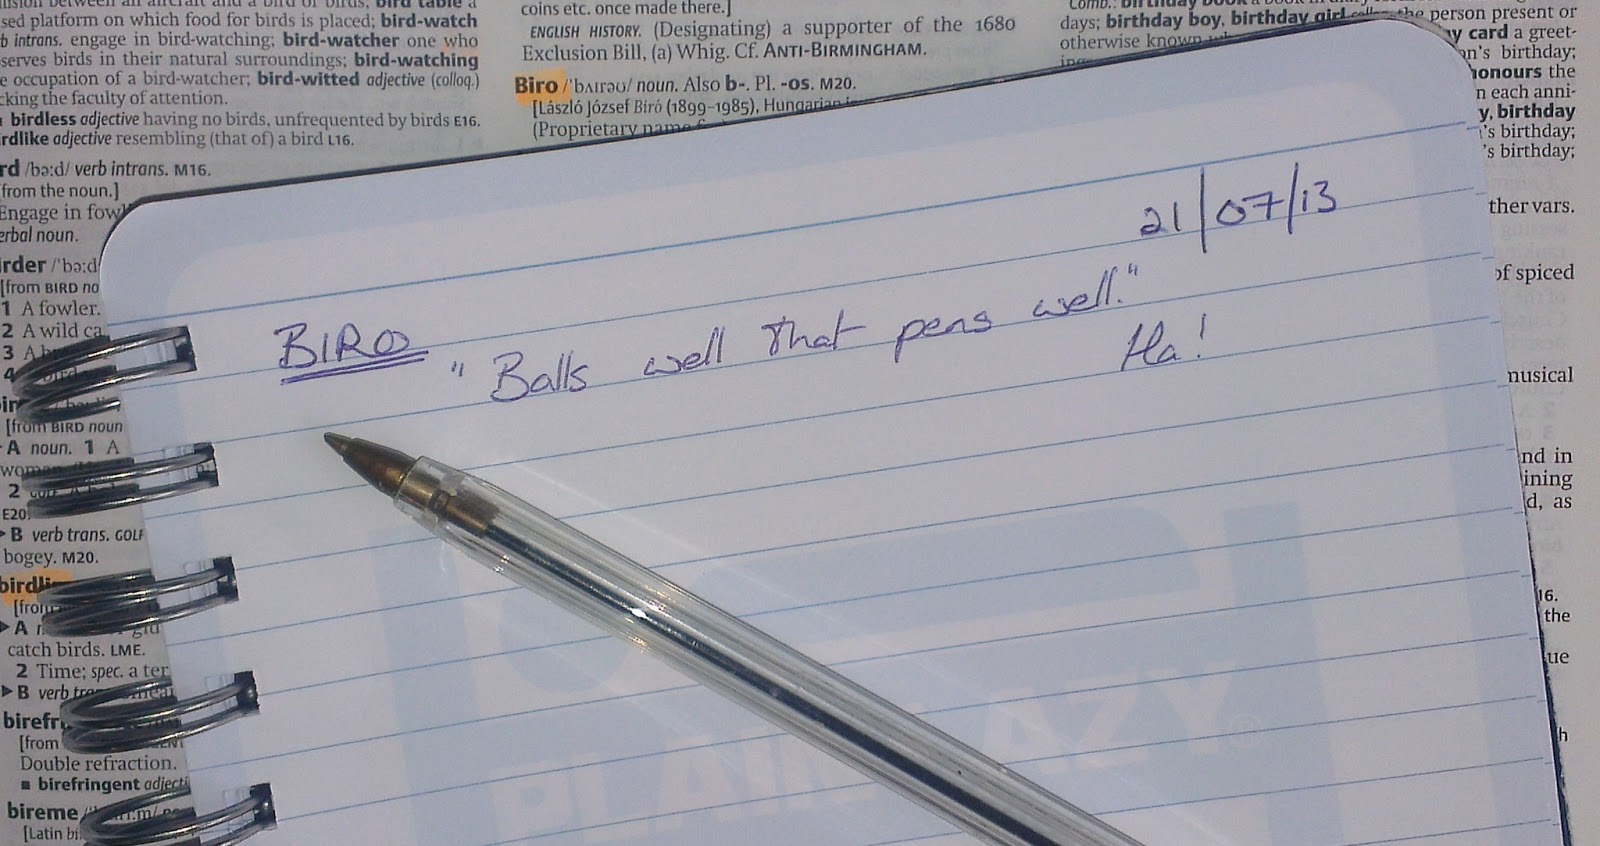 Lexicolatry: Biro - Balls Well That Pens Well